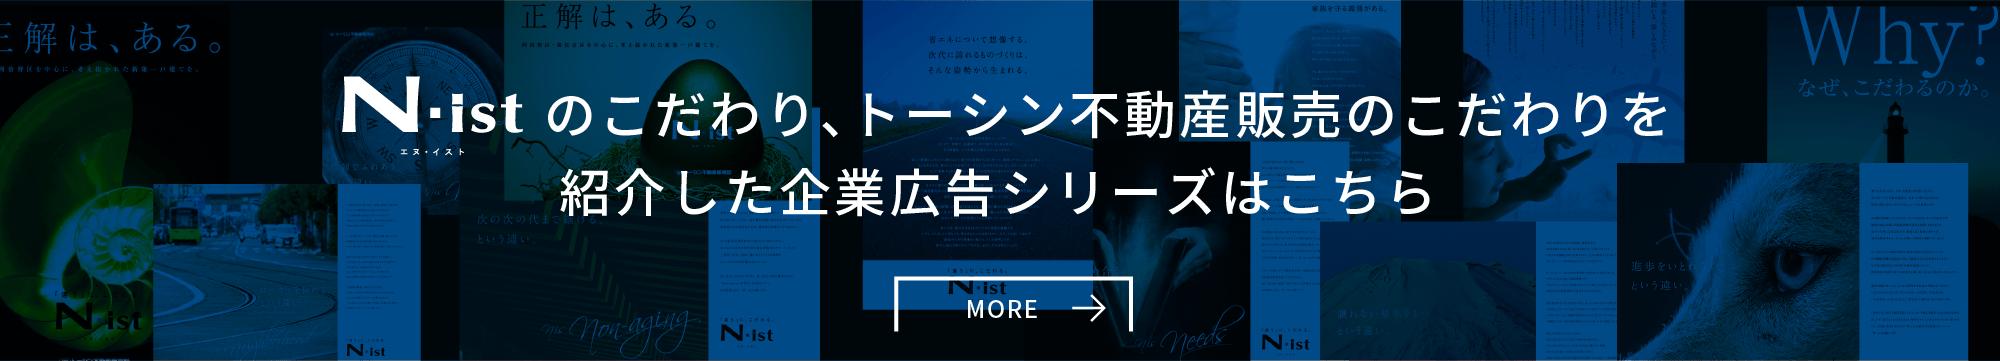 N・istのこだわり、トーシン不動産販売のこだわりを紹介した 企業広告シリーズはこちら